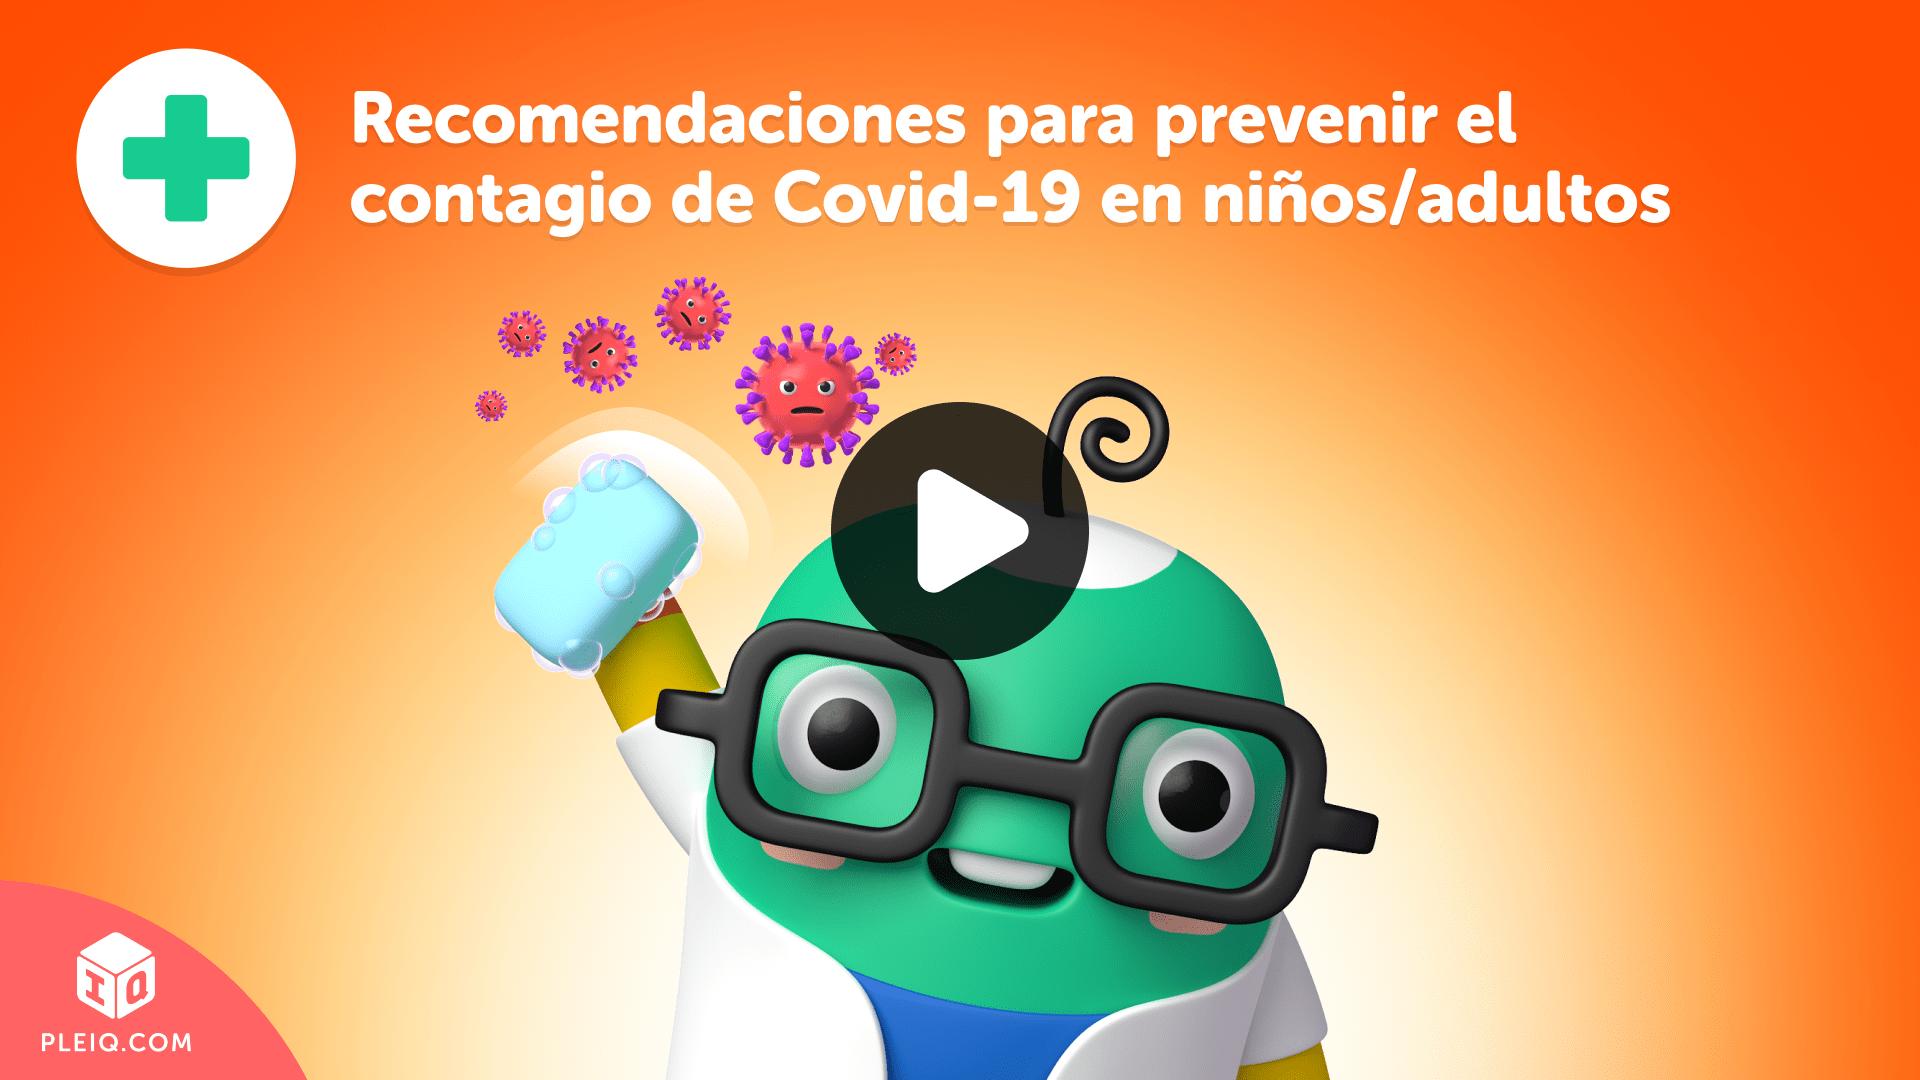 Recomedaciones para prevenir Covid-19